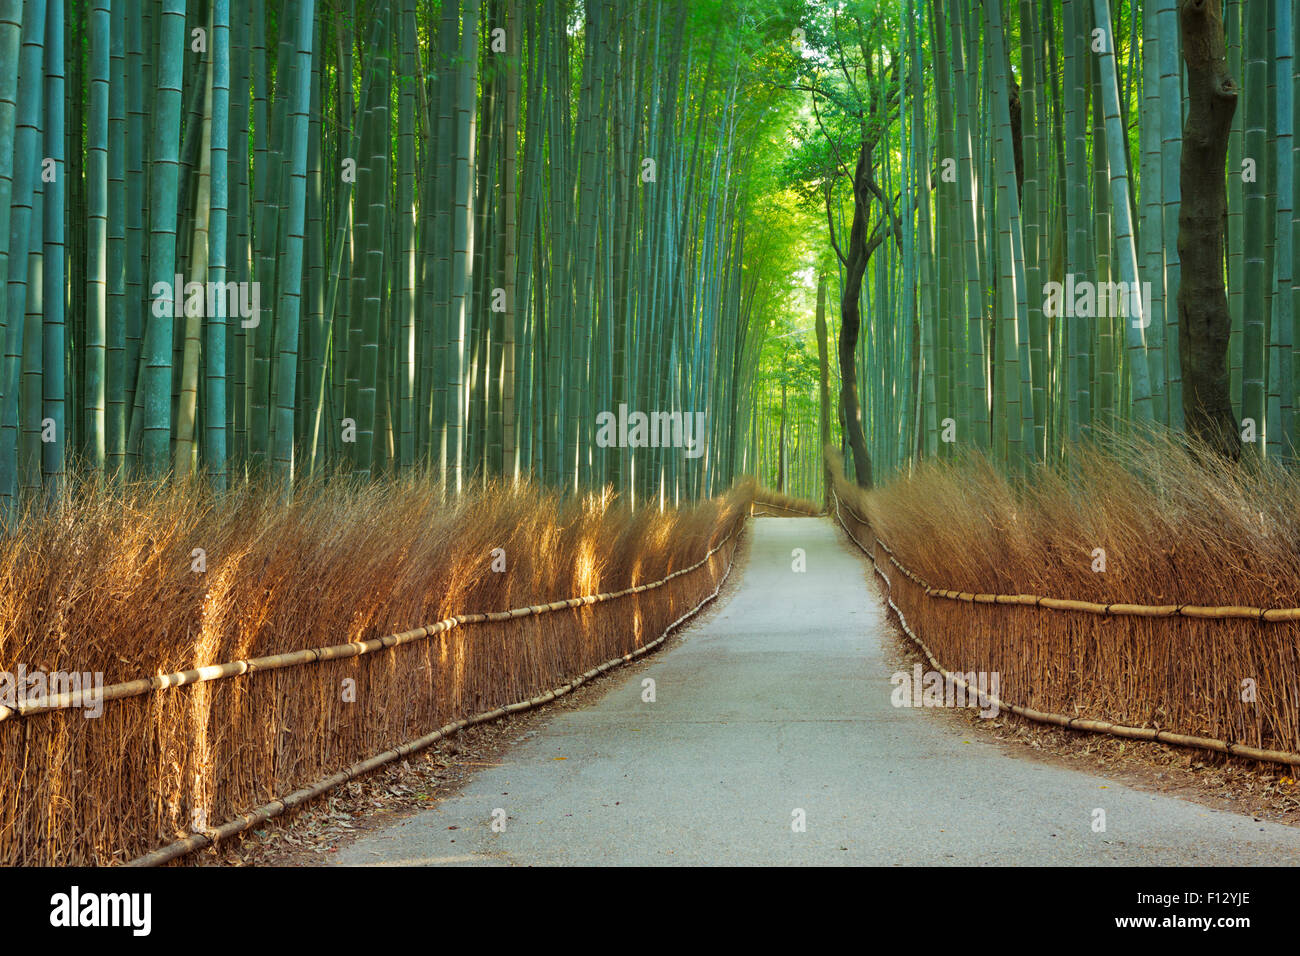 Ein Weg durch einen Bambuswald. Fotografiert an der Arashiyama Bambushain in der Nähe von Kyoto, Japan. Stockbild